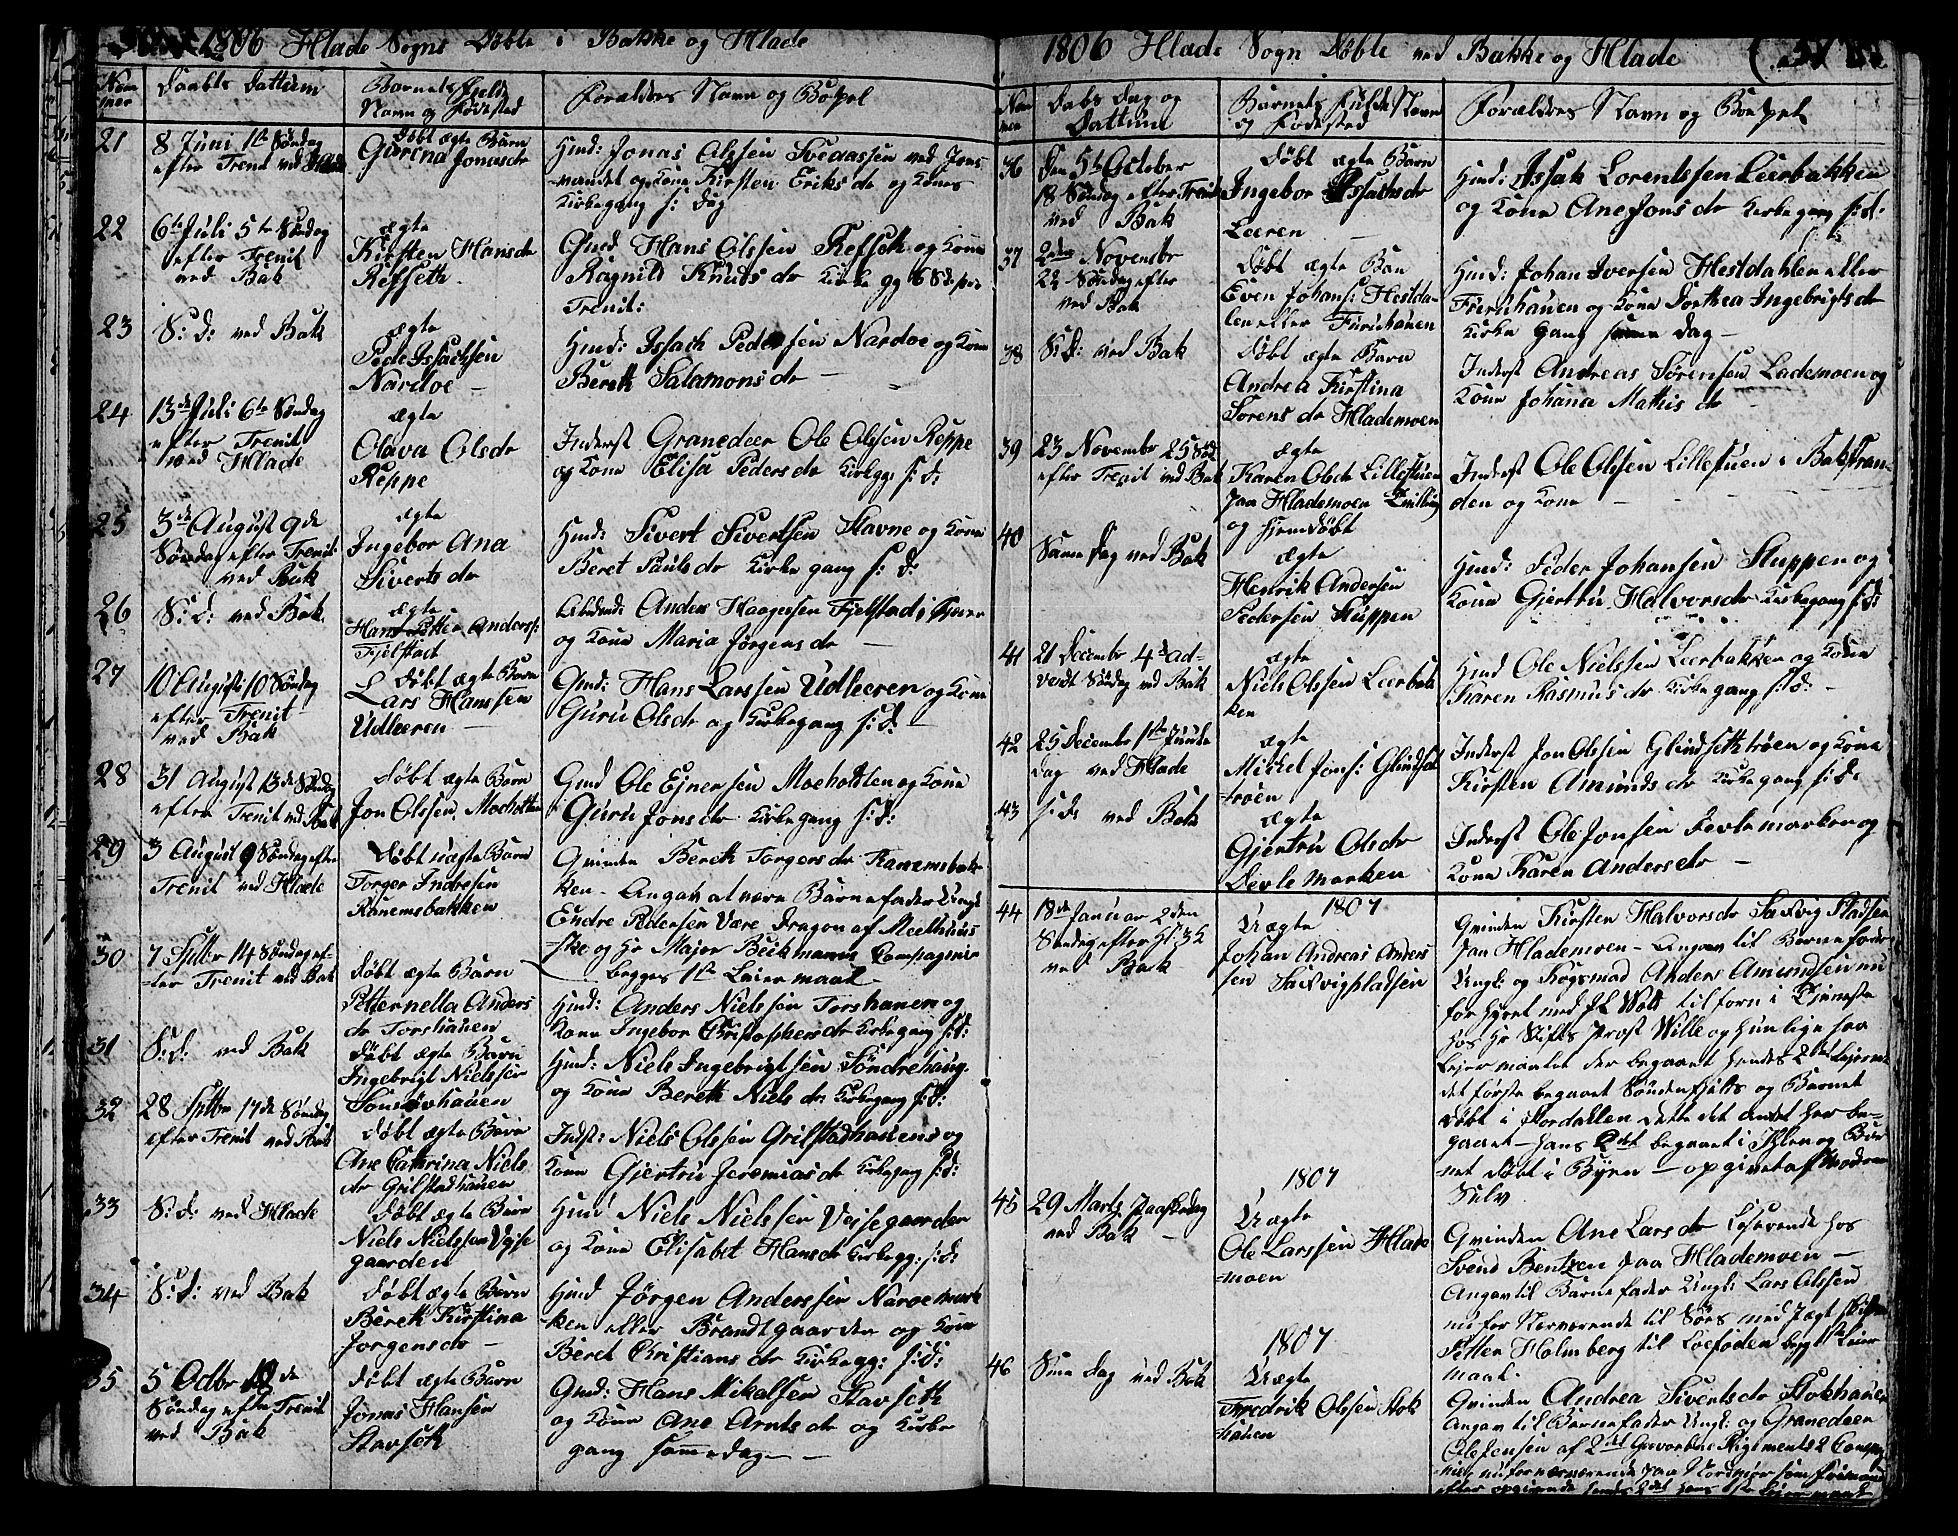 SAT, Ministerialprotokoller, klokkerbøker og fødselsregistre - Sør-Trøndelag, 606/L0306: Klokkerbok nr. 606C02, 1797-1829, s. 50-51